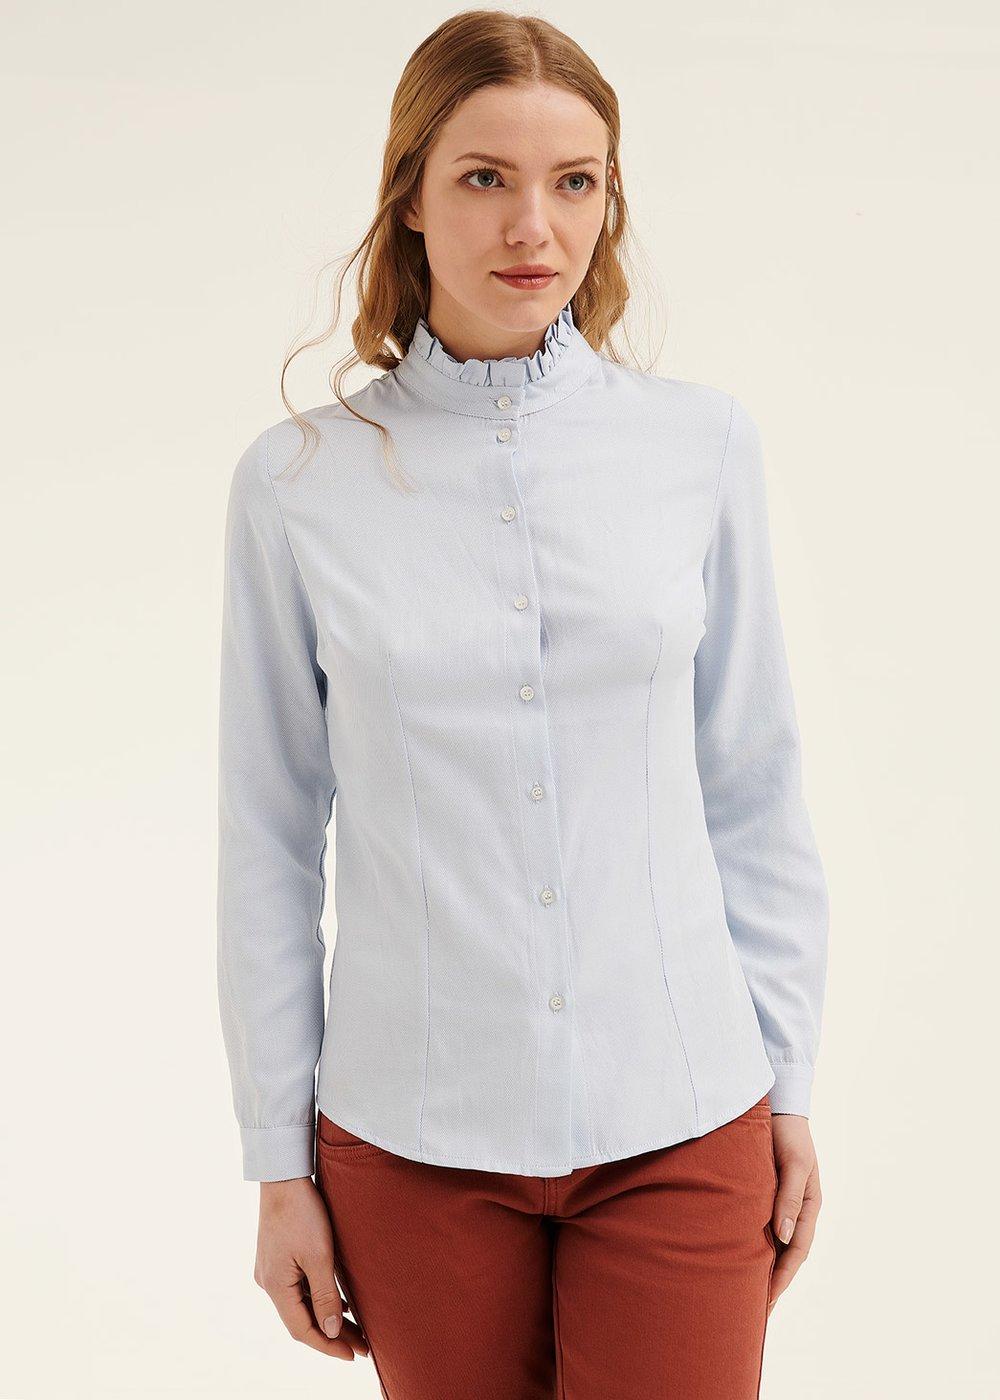 Camicia Cathryn con colletto rouches - Cielo - Donna